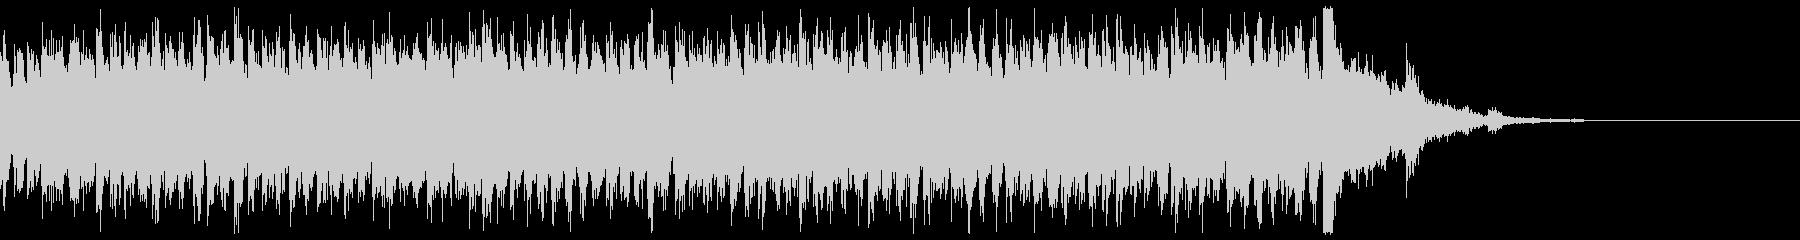 電車の発車メロディー 発着音の未再生の波形